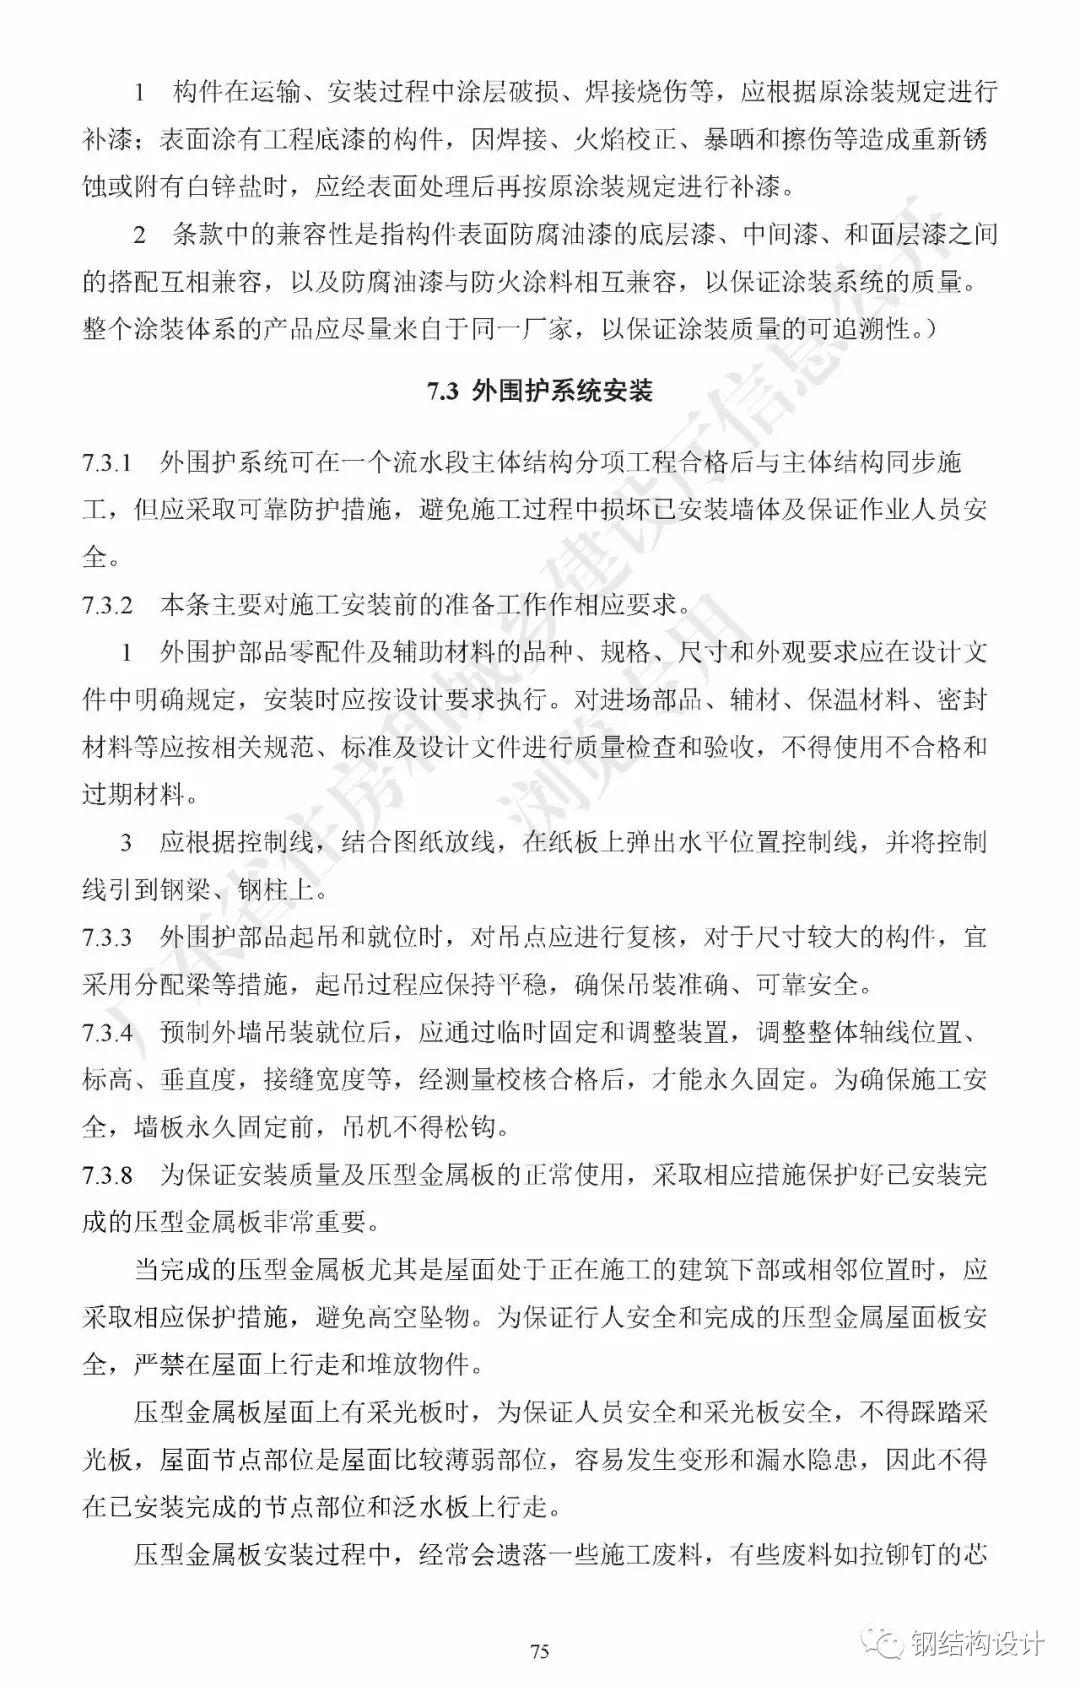 广东省《装配式钢结构建筑技术规程》发布_85